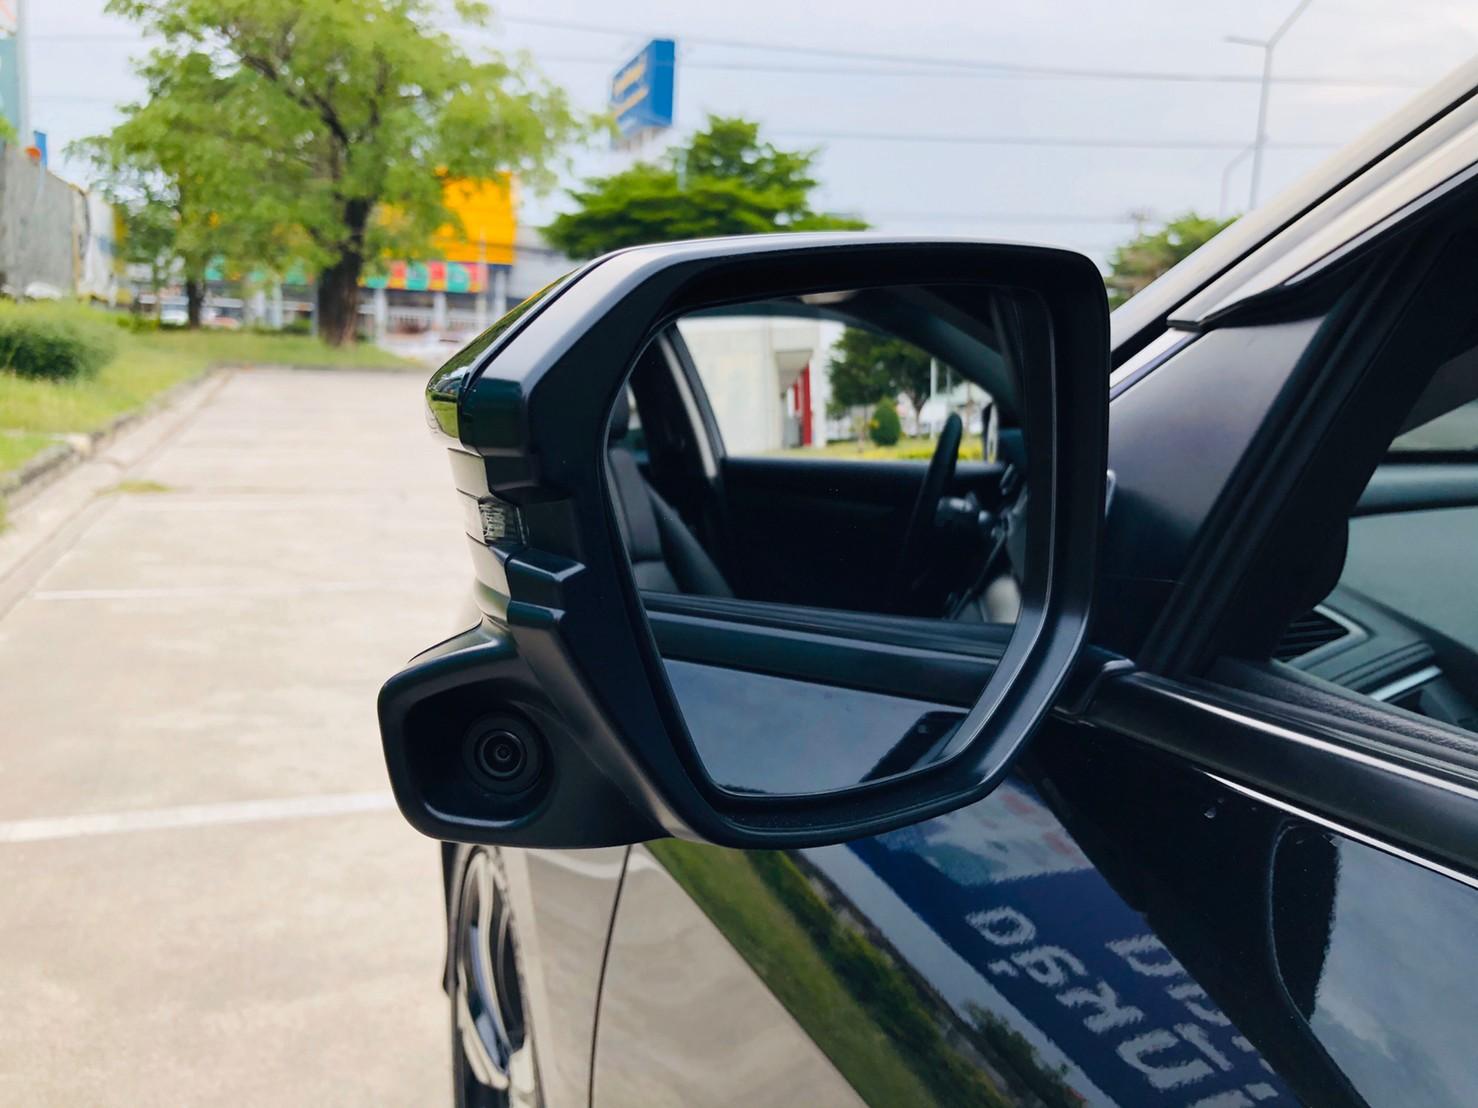 ภาพกล้องด้านข้าง ฮอนด้า ซีวิค FC 1.5 Turbo RS ปี 2016